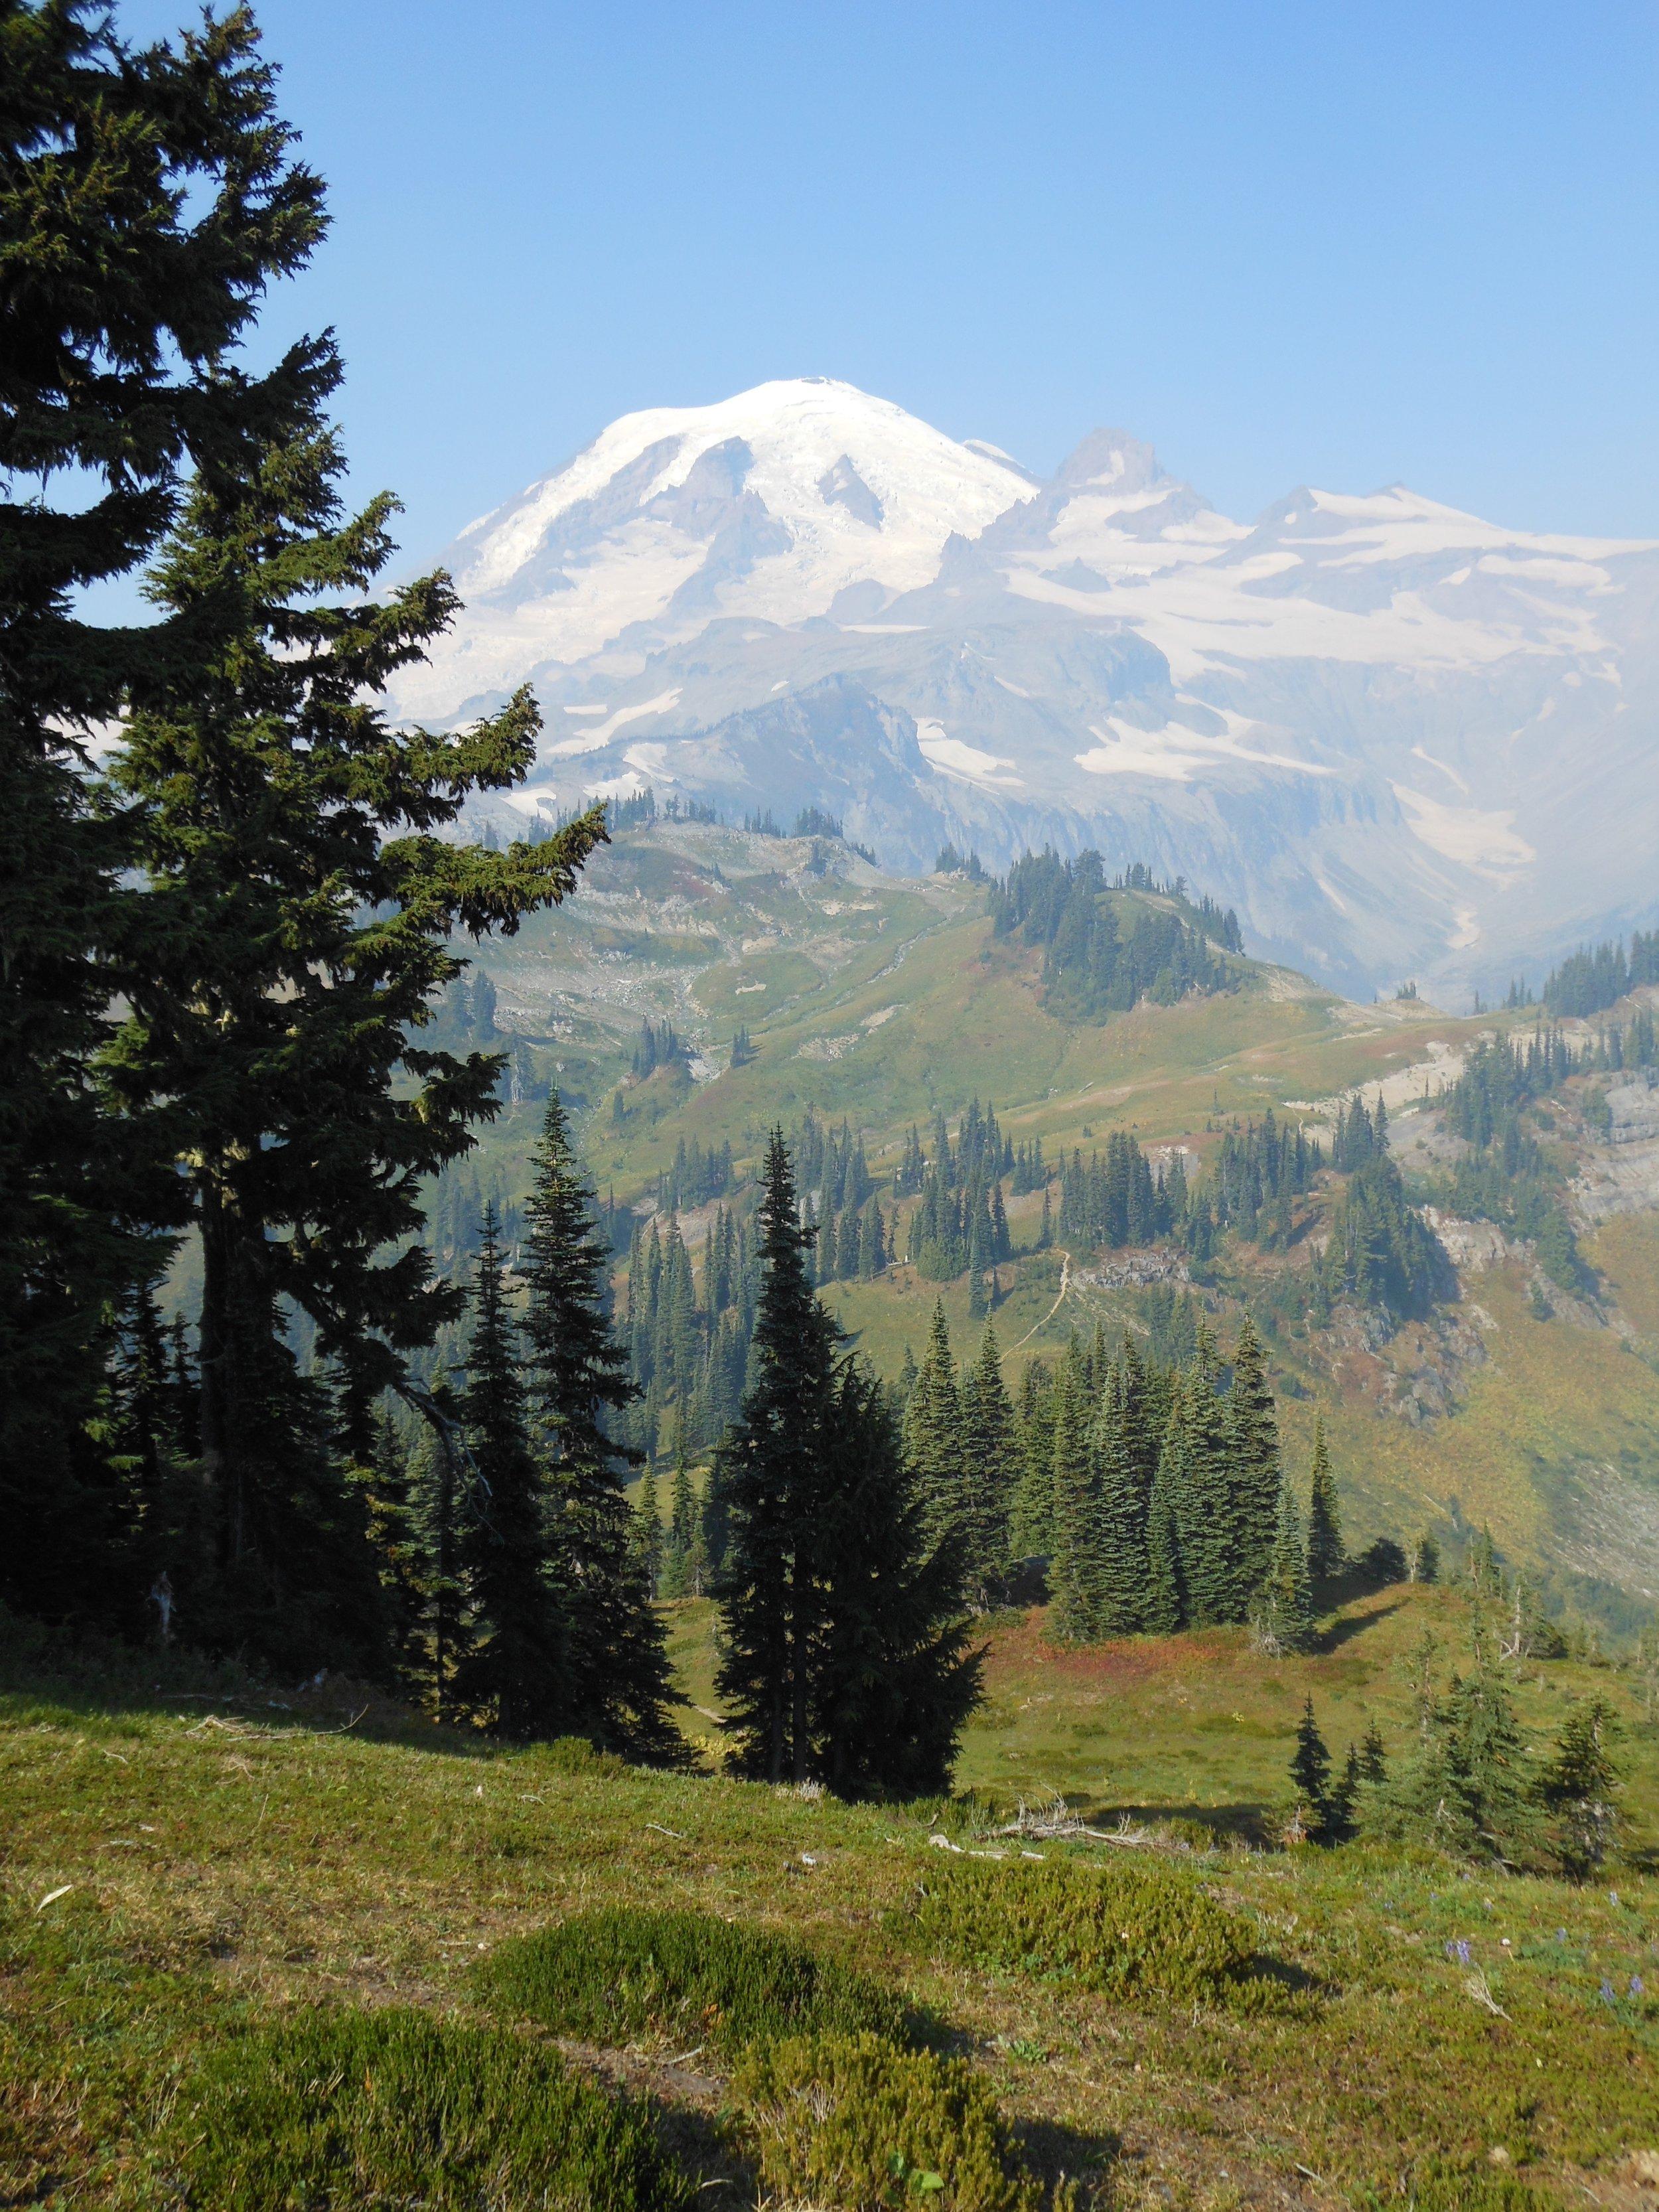 The Wonderland Trail around Mount Rainier